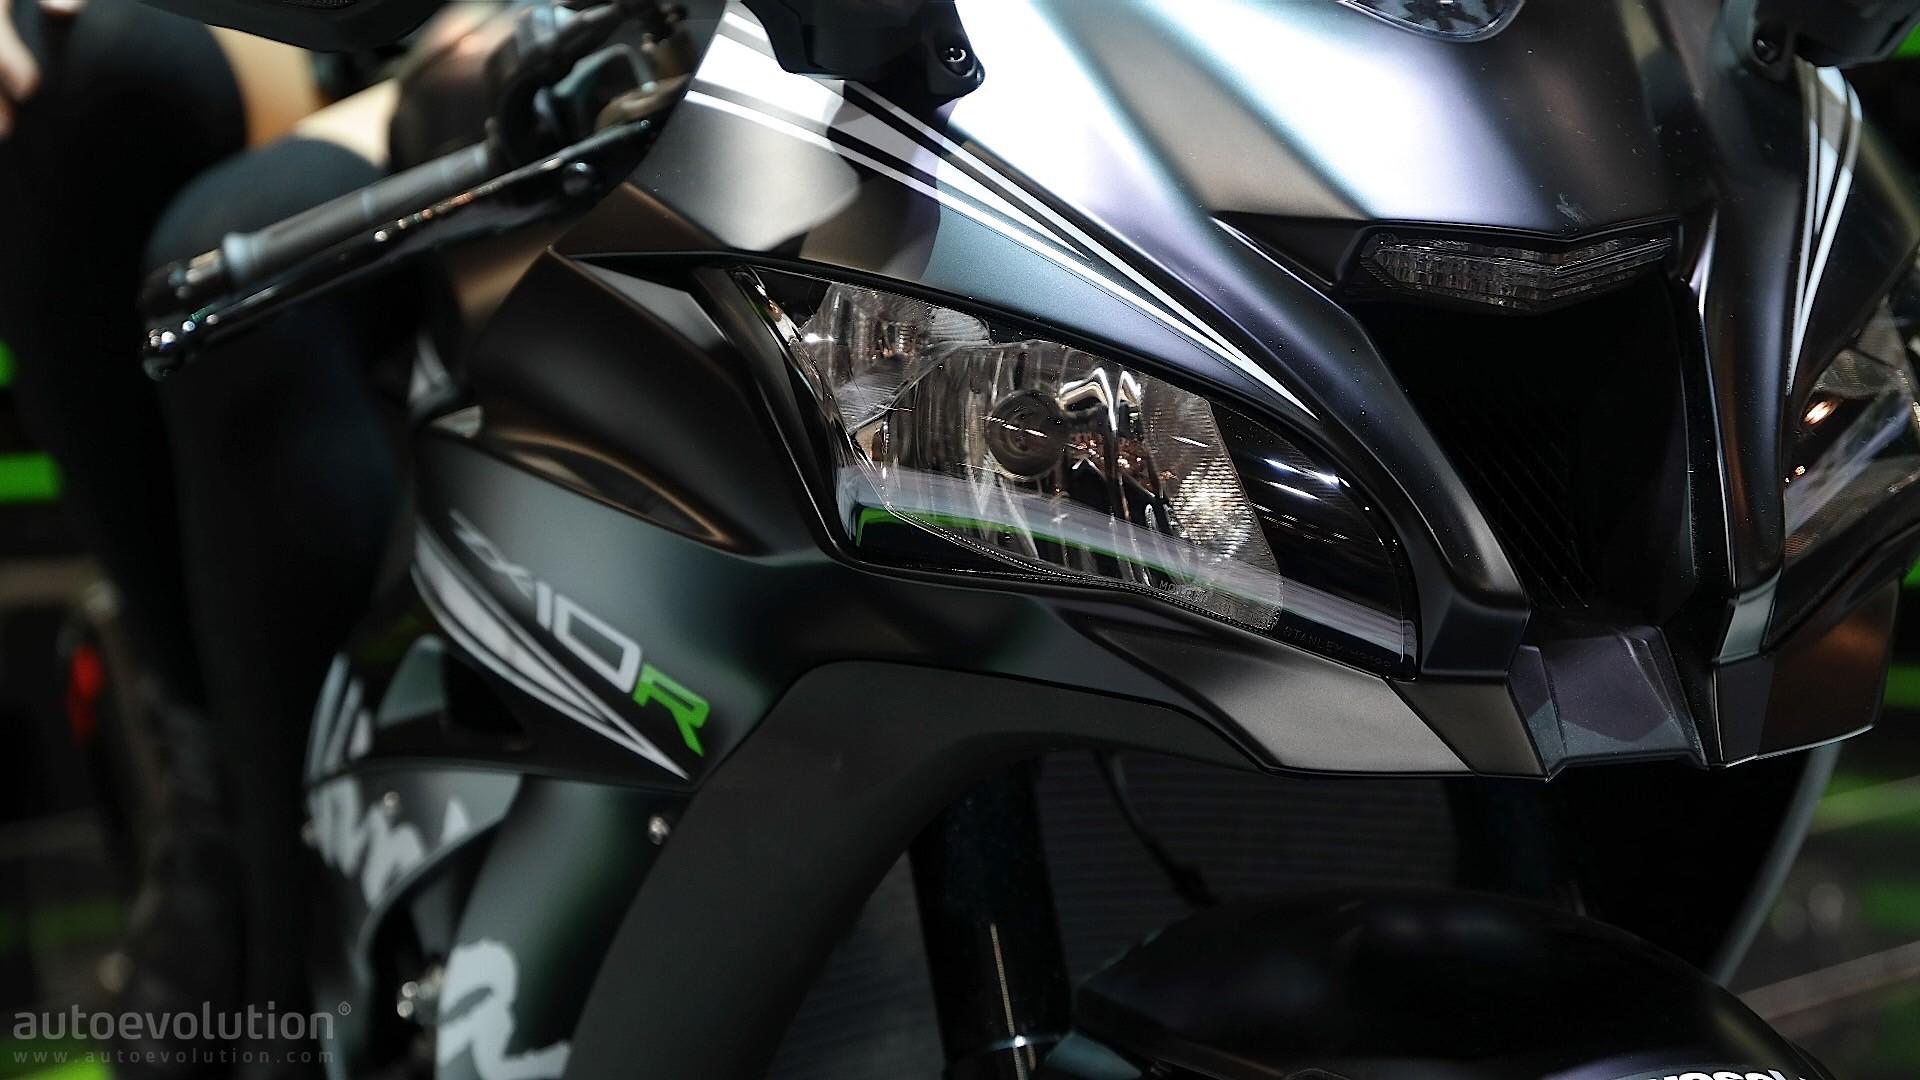 Kawasaki Wallpaper Hd Eicma 2016 Kawasaki Ninja Zx 10r And Krt Replica Pack 210